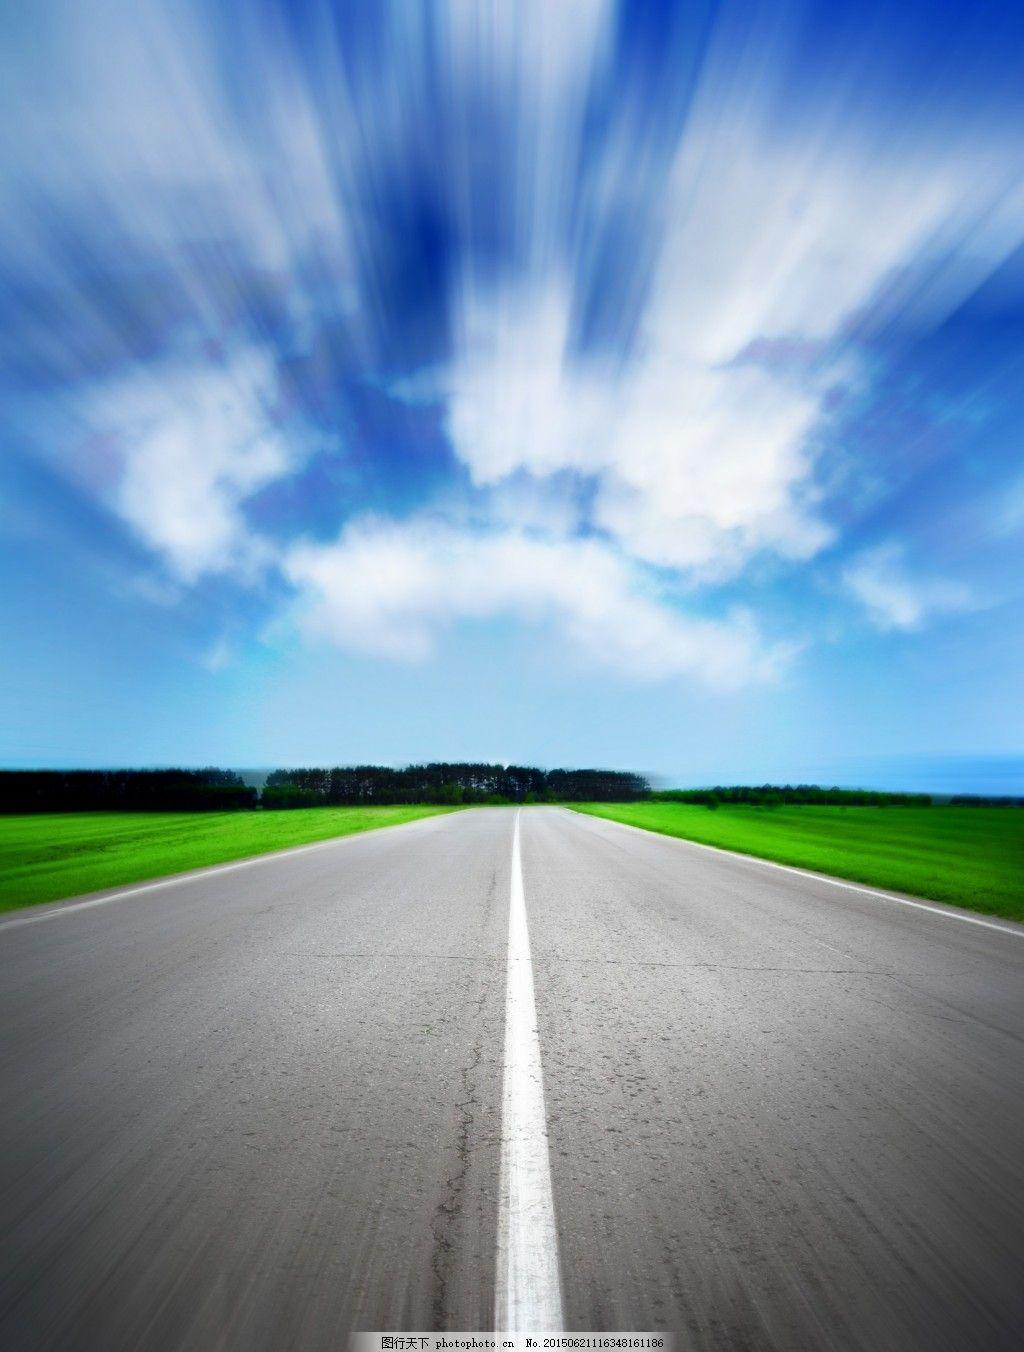 高速公路素材 风景背景 背景图片 广告背景 高清图片素材 灰色